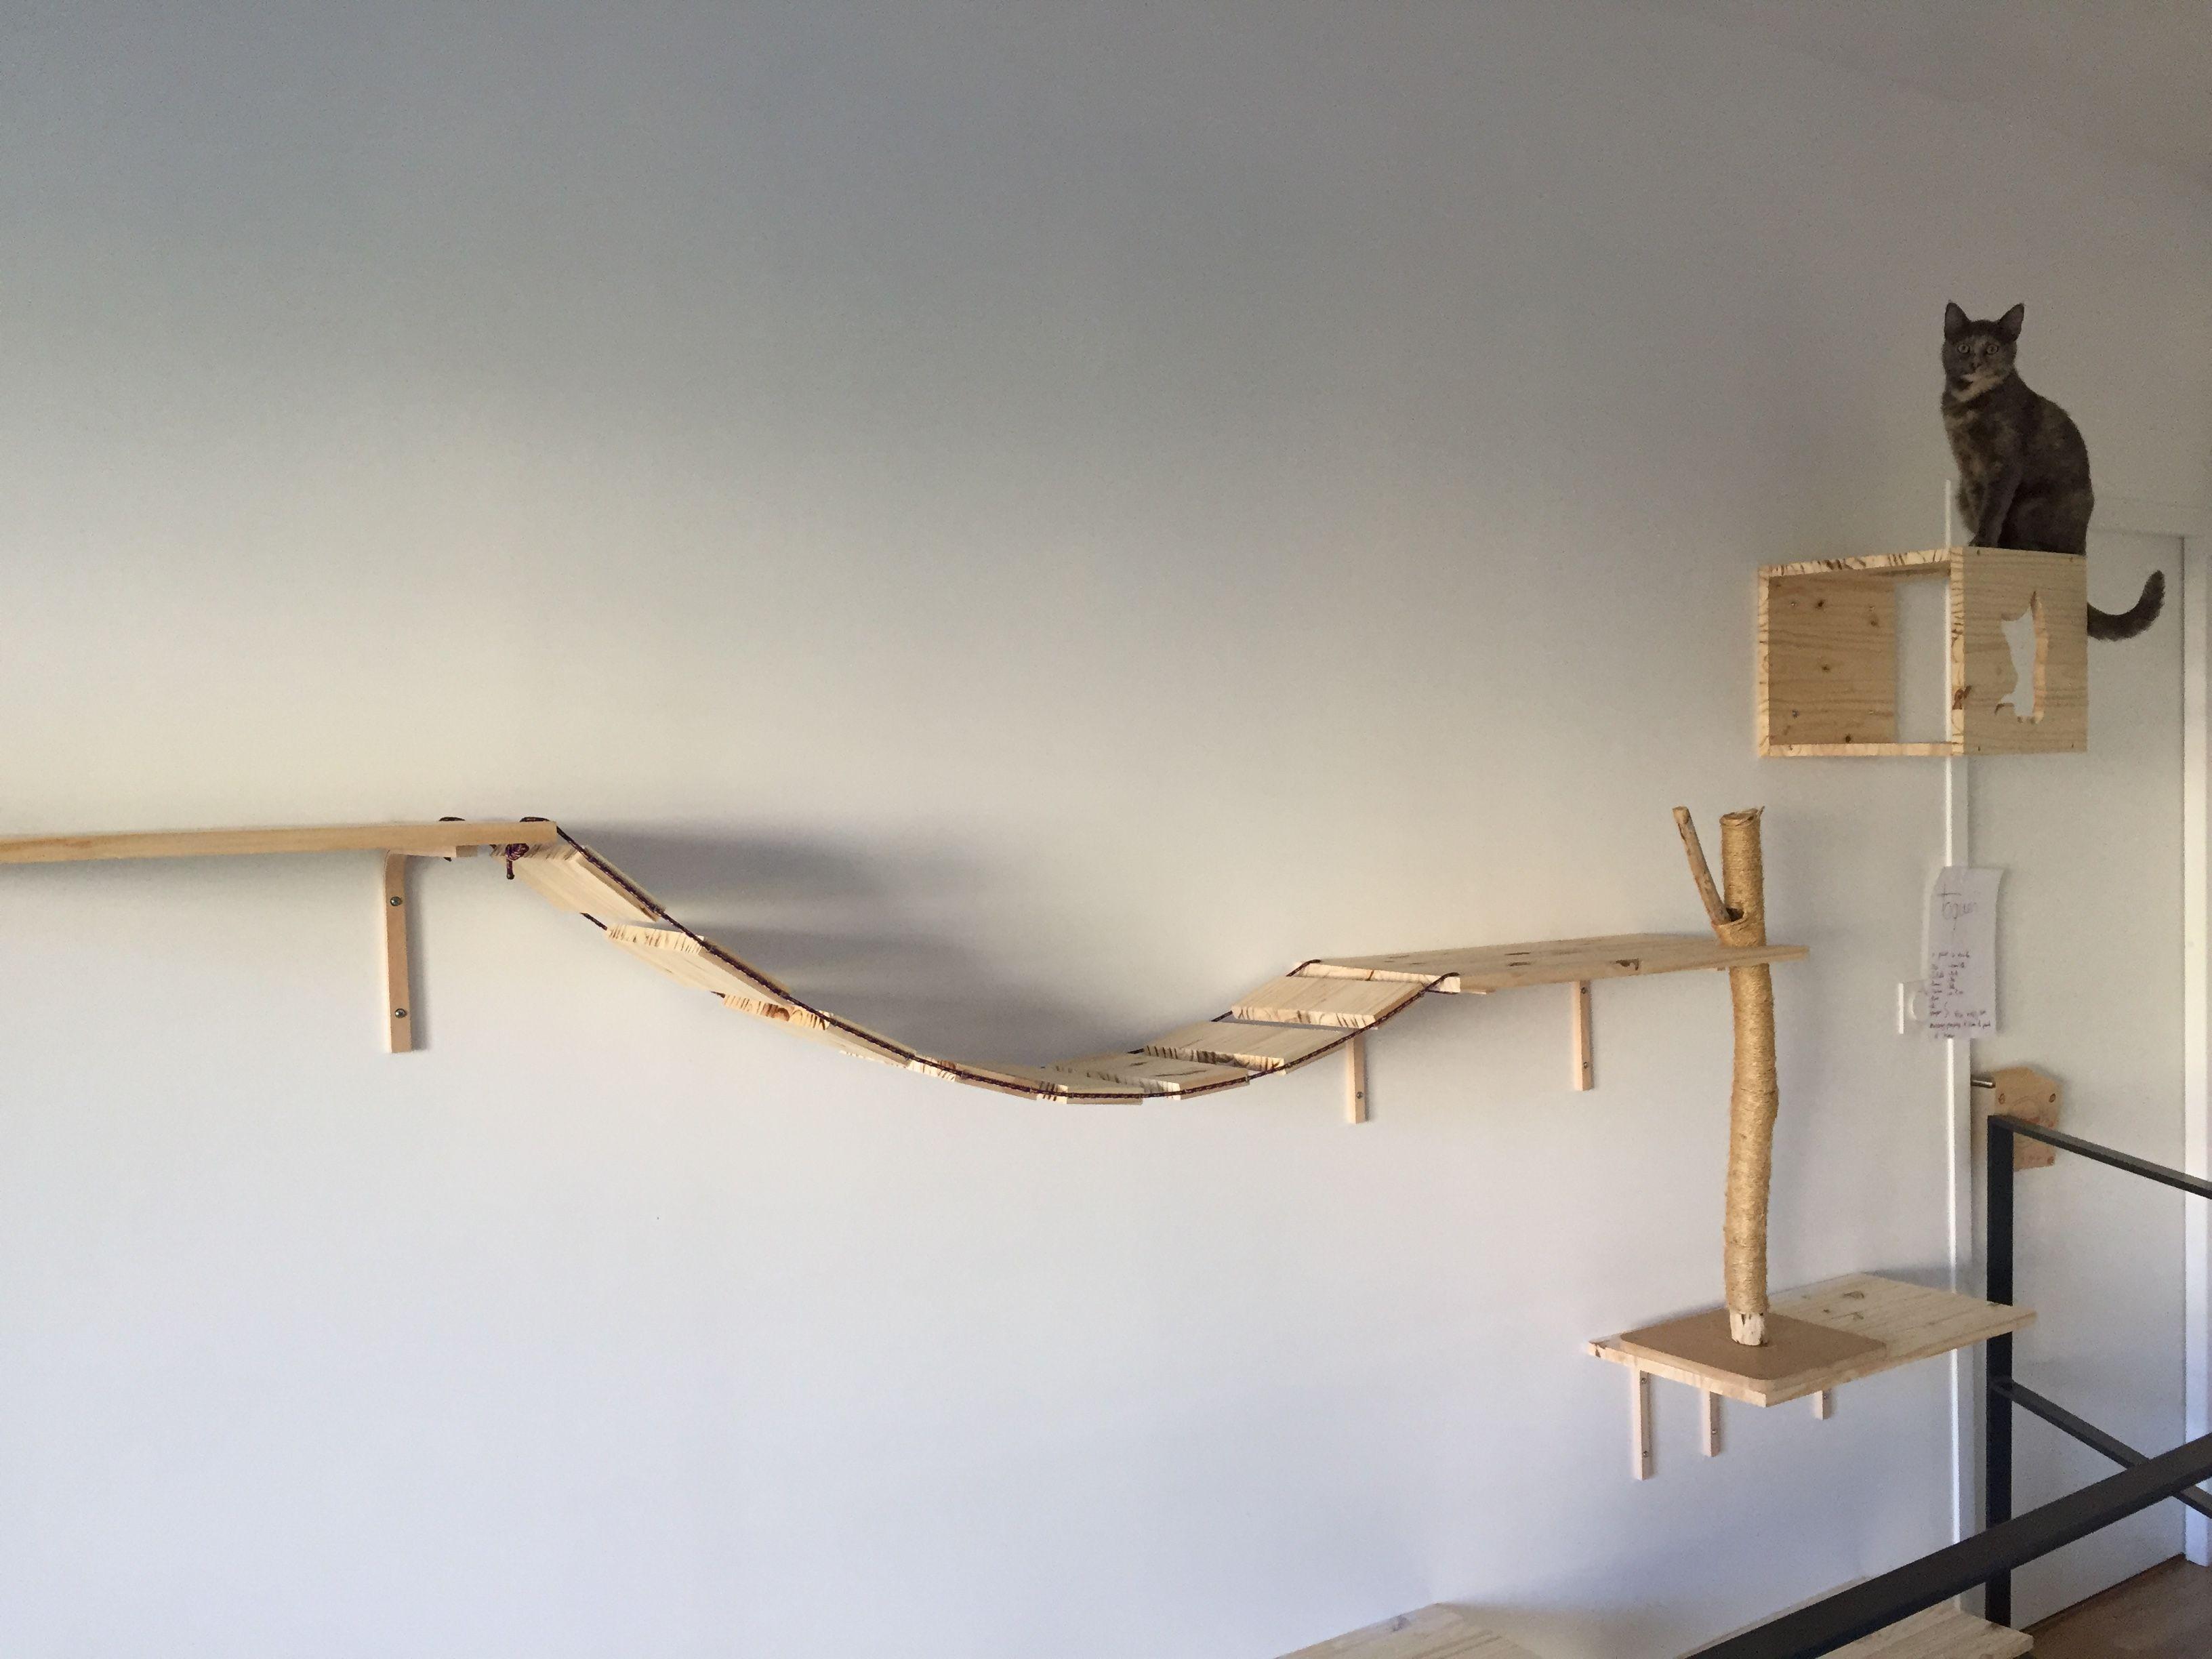 parcours pour chat diy mes r alisations pinterest chat parcours et diy. Black Bedroom Furniture Sets. Home Design Ideas